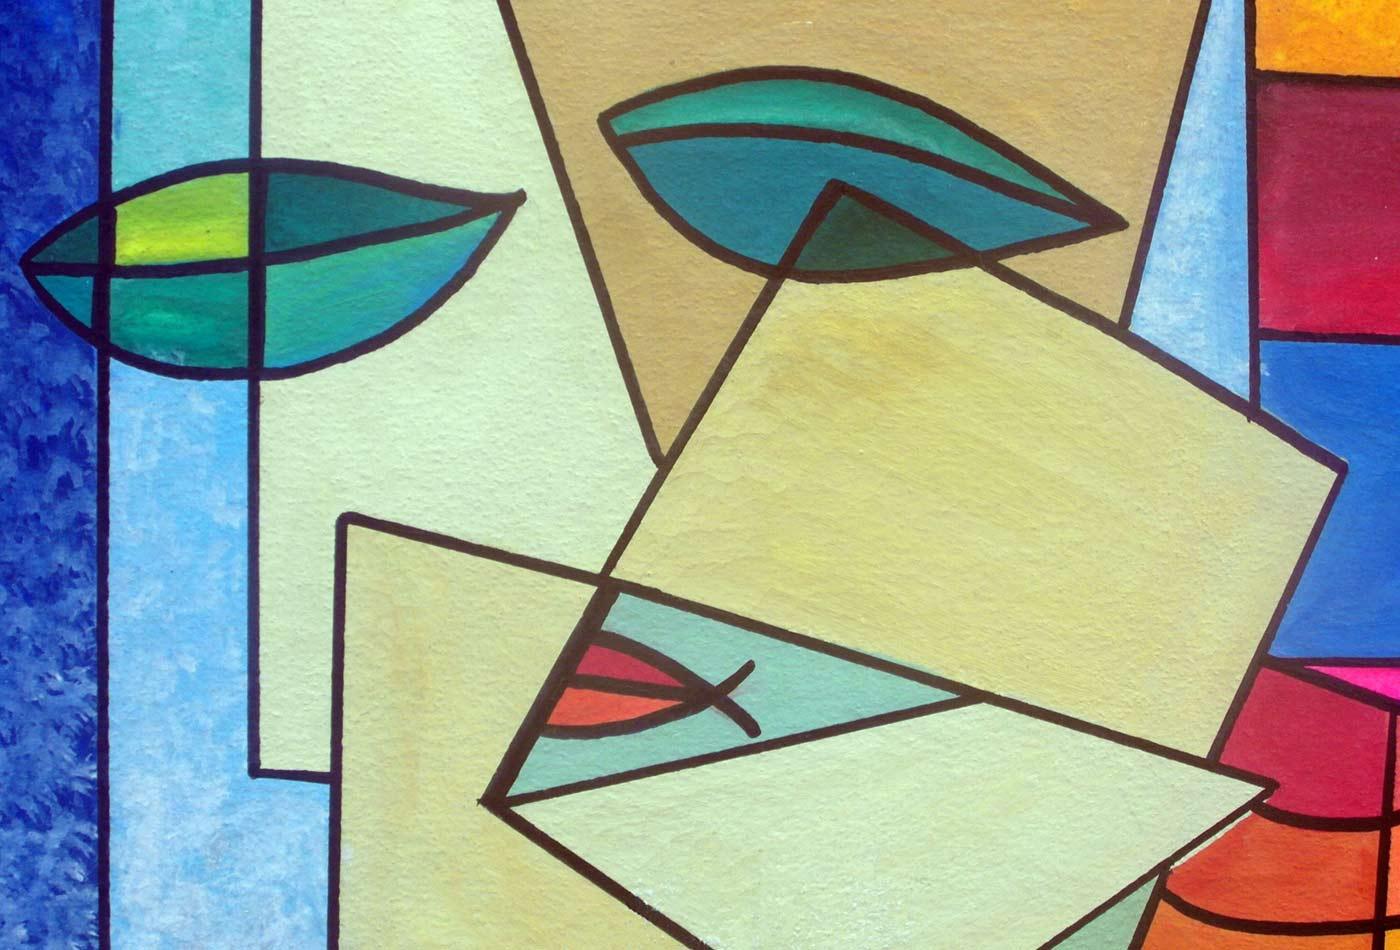 Résumé Picasso style visage.